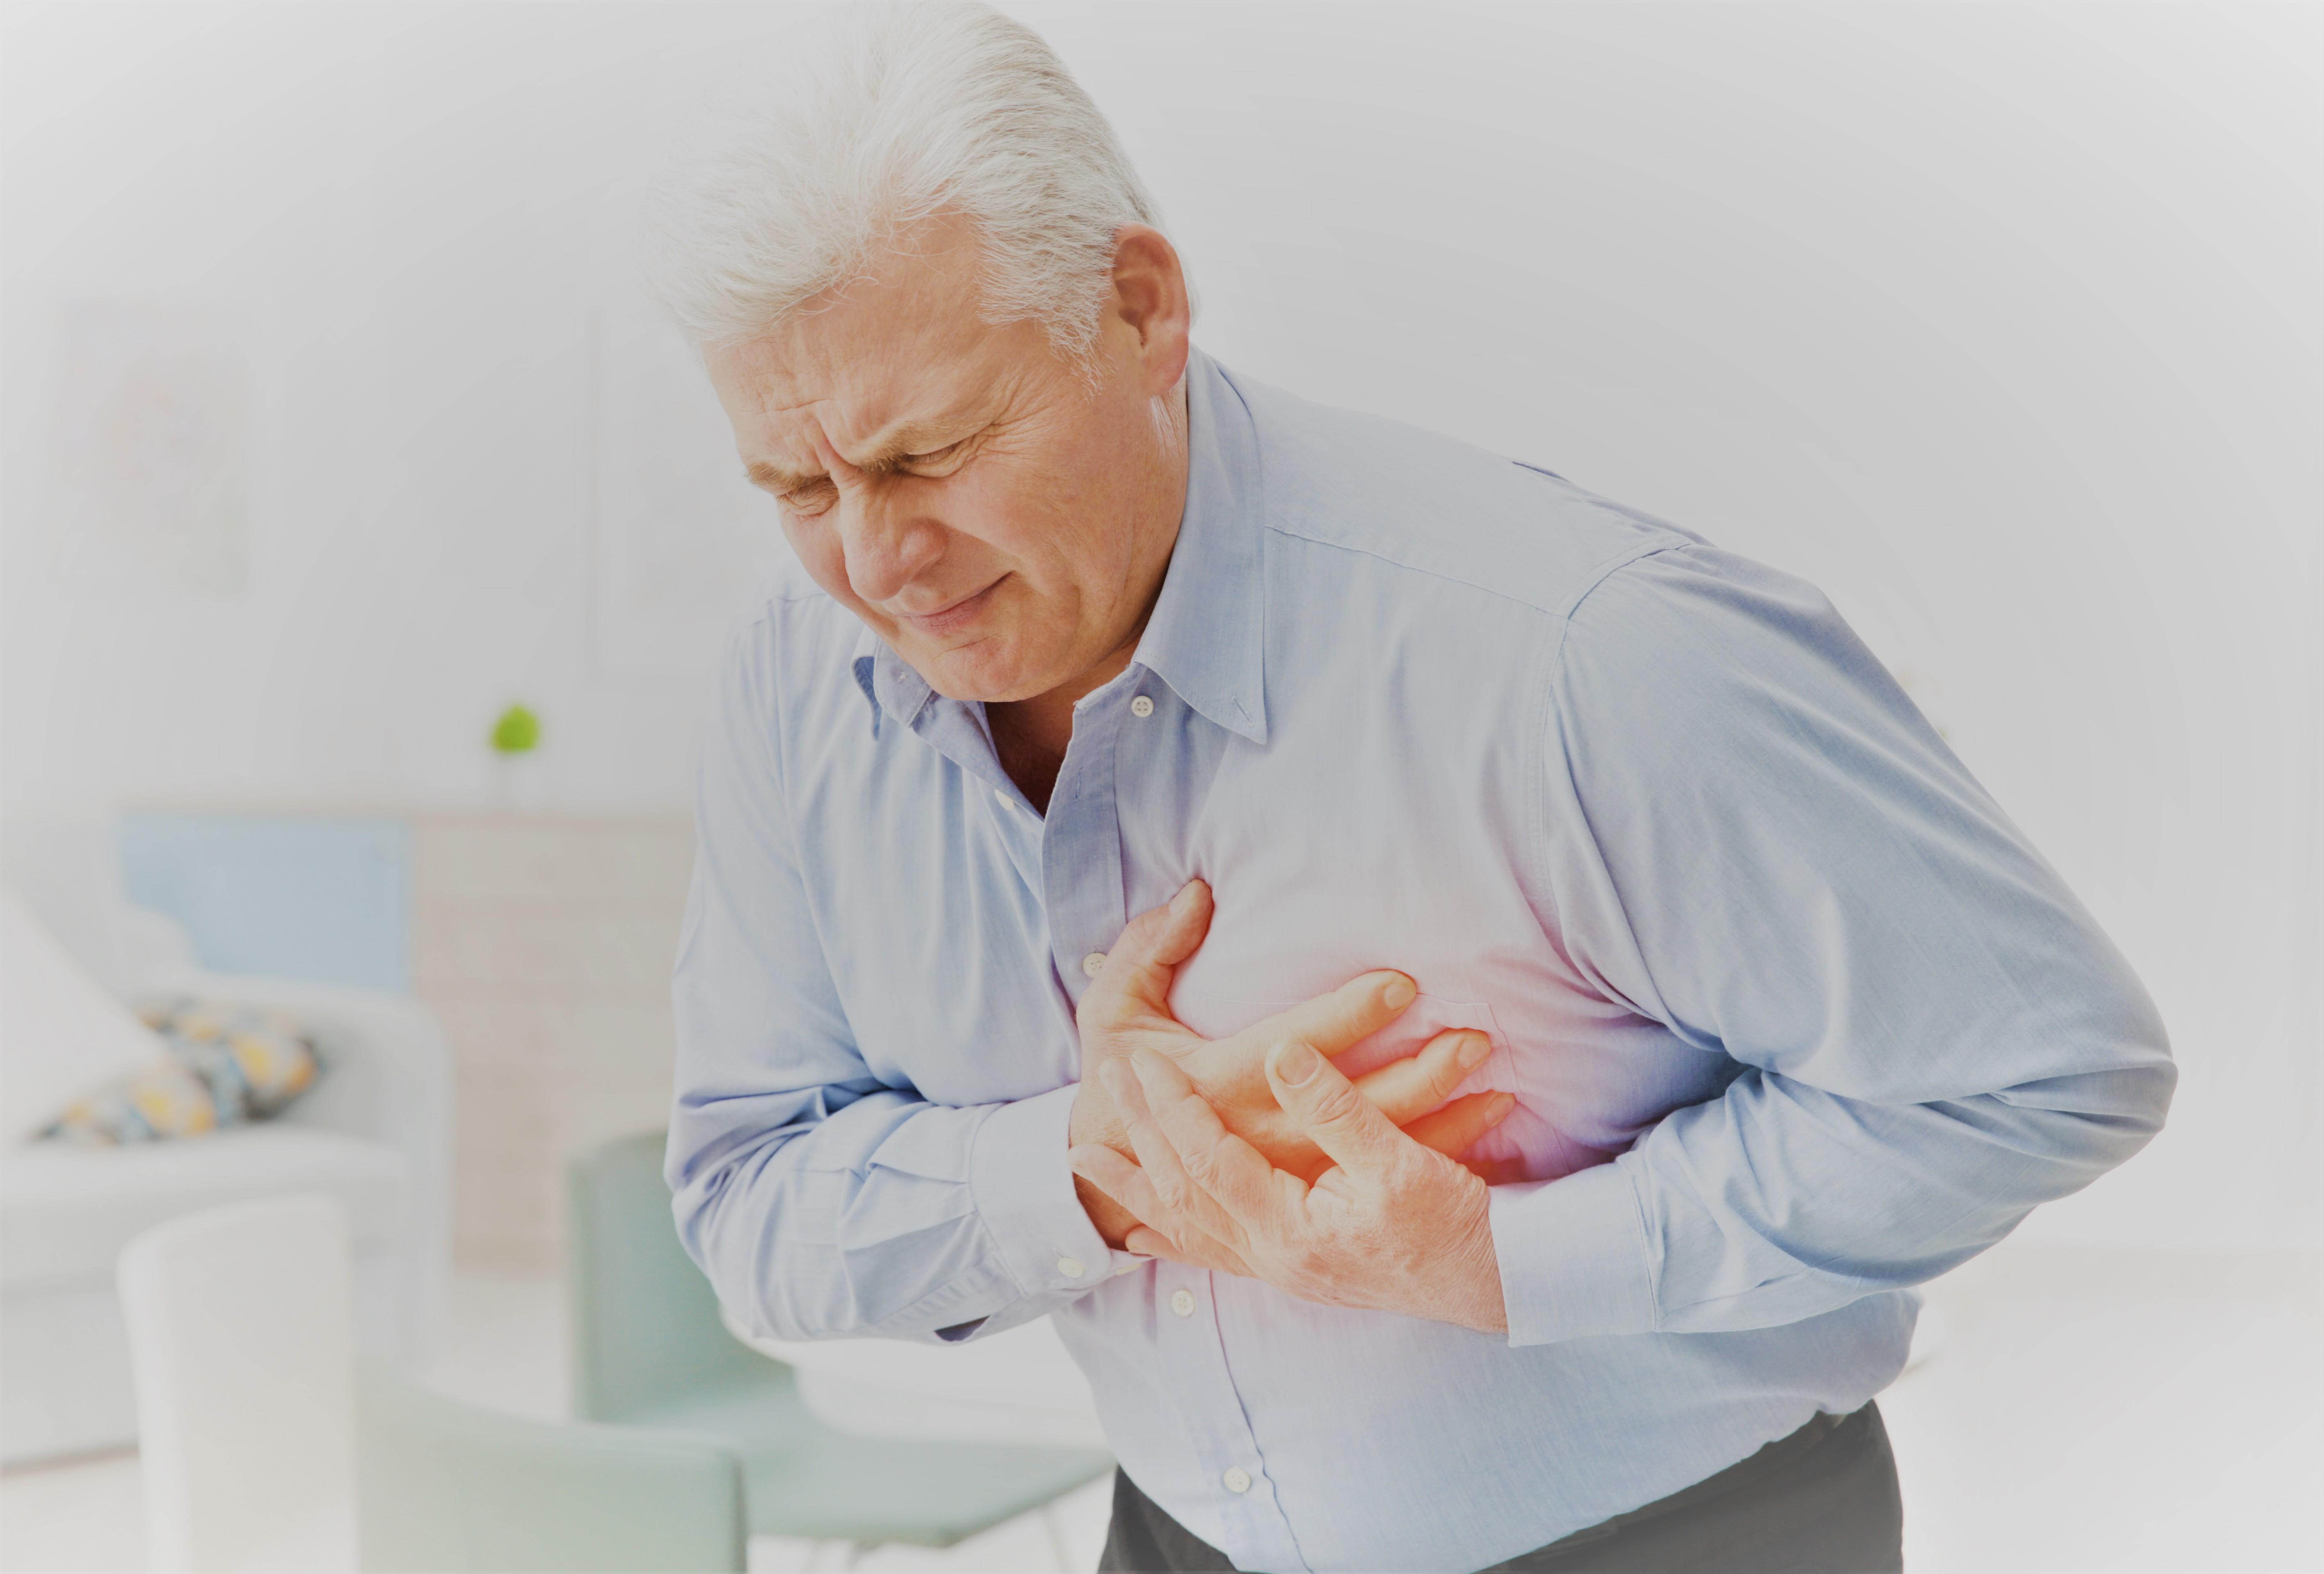 ízületi fájdalom a betegségben, mit kell tenni)